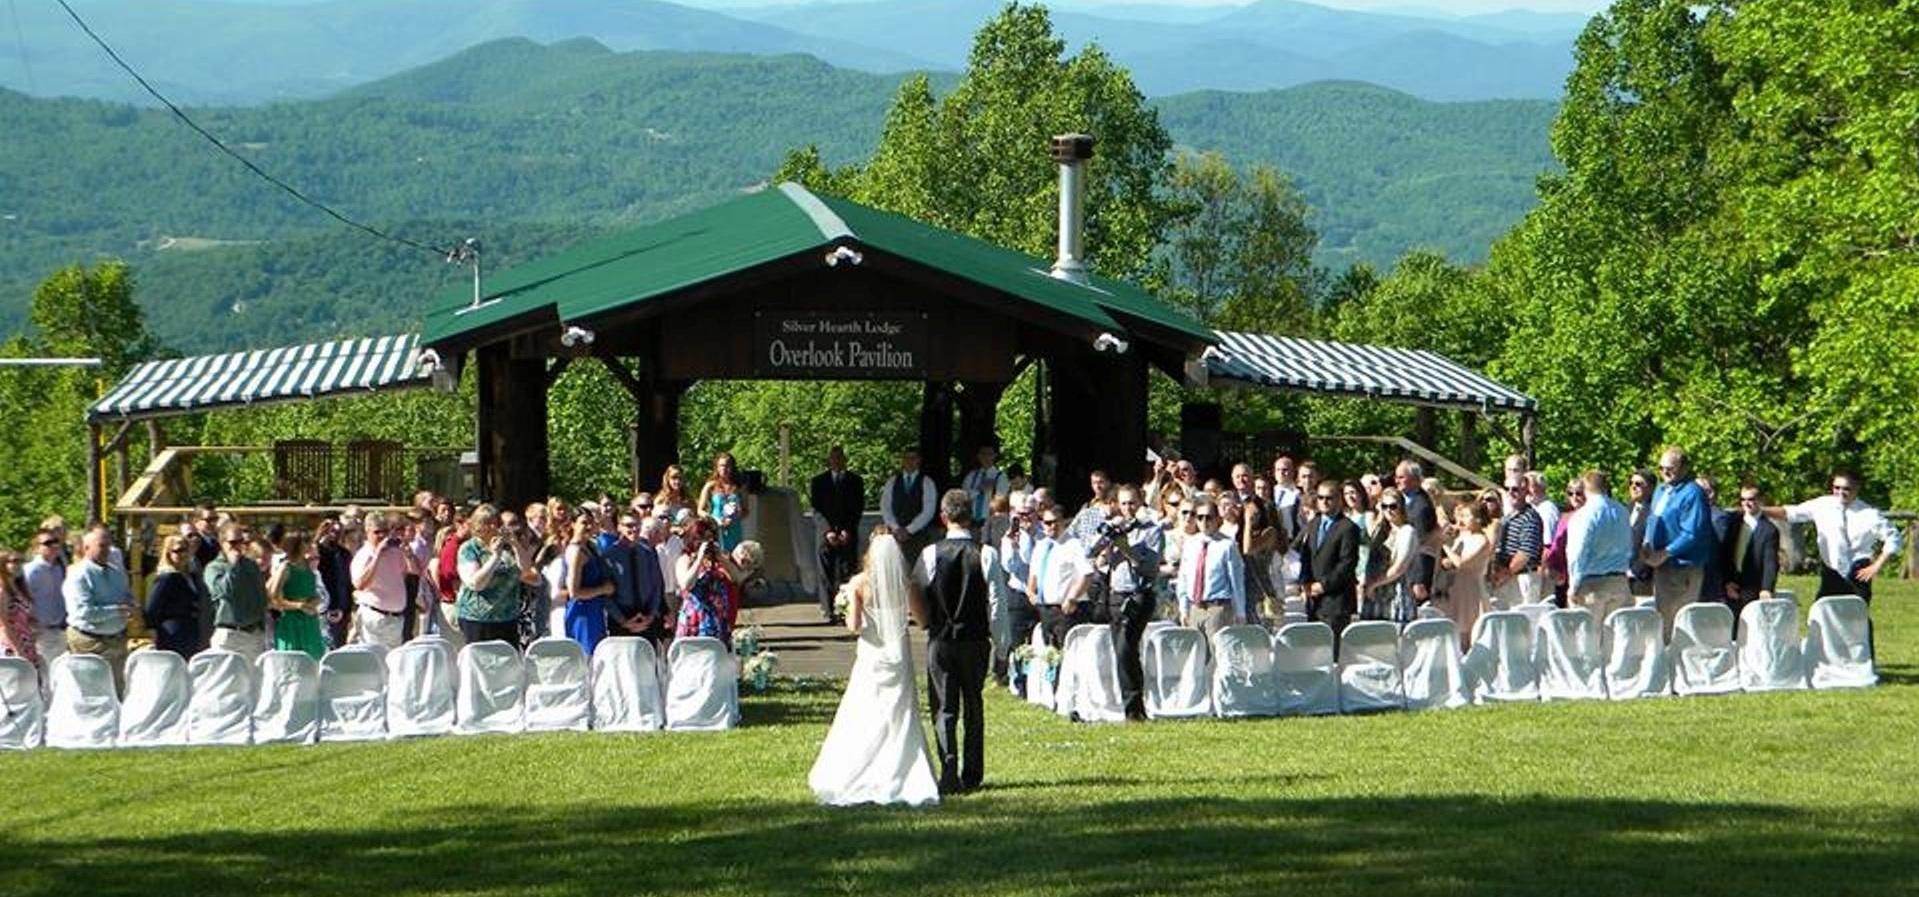 silver-hearth-lodge-wedding.jpg